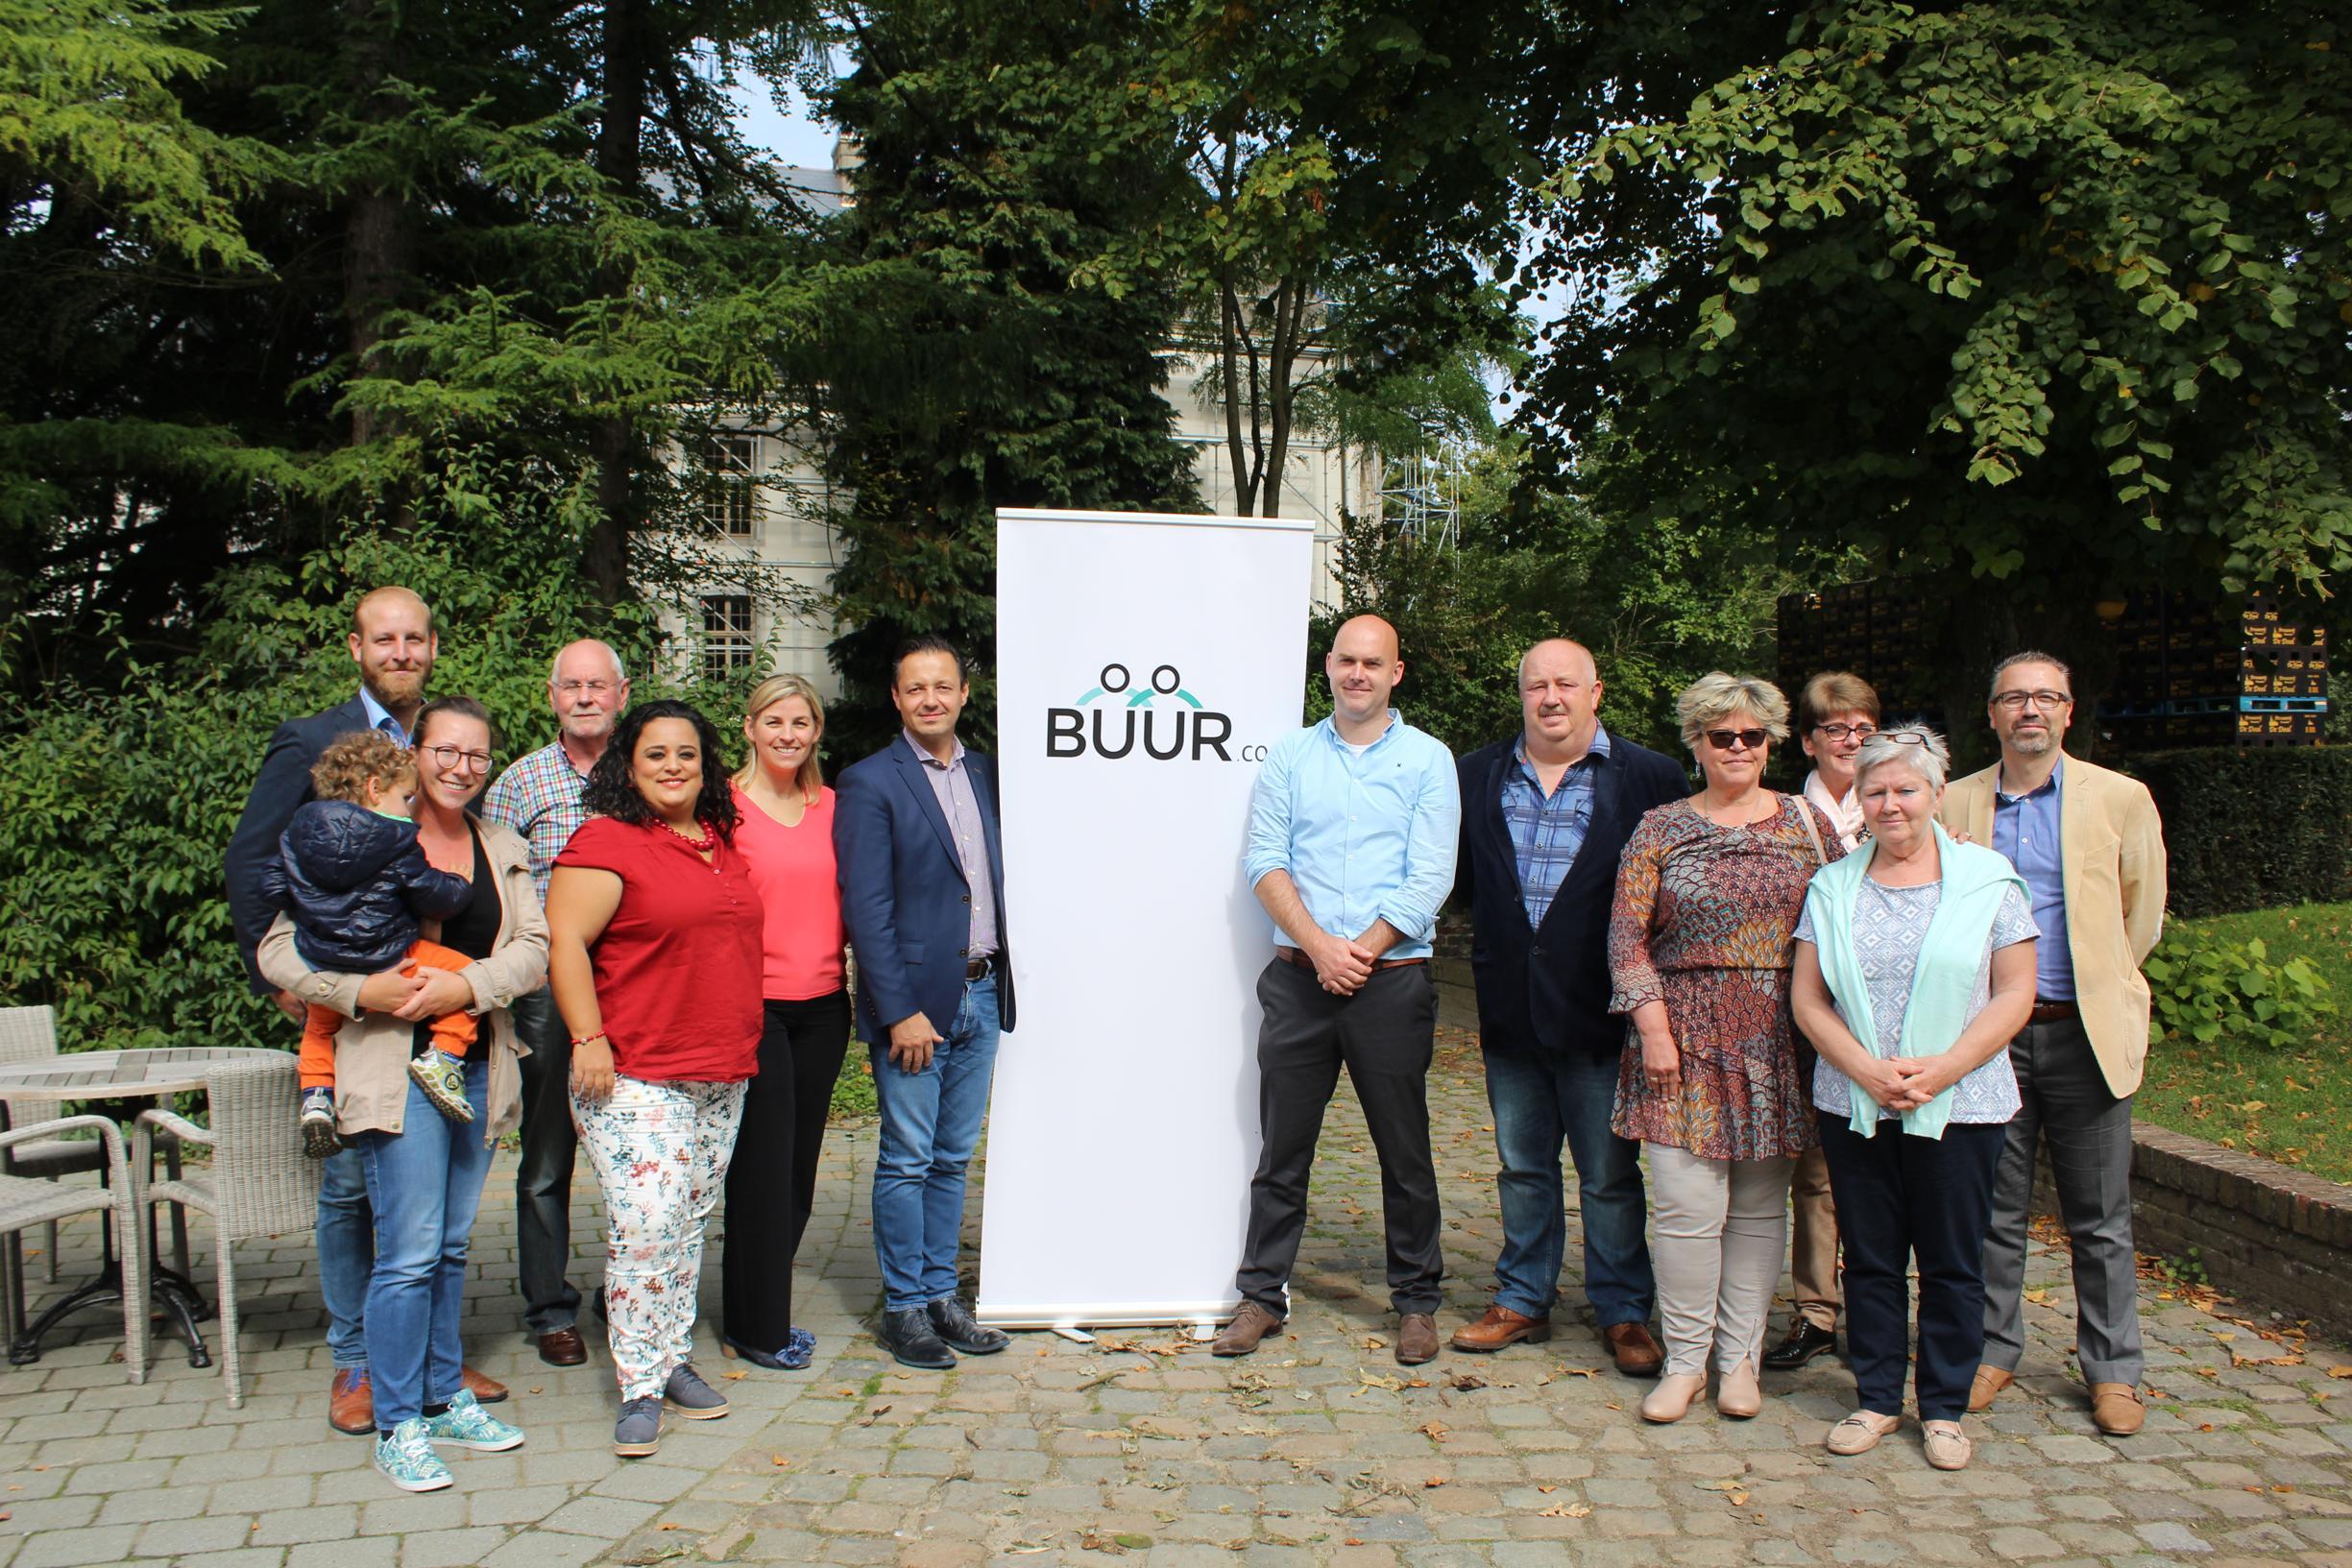 de BUUR-groep van Houthalen-Helchteren